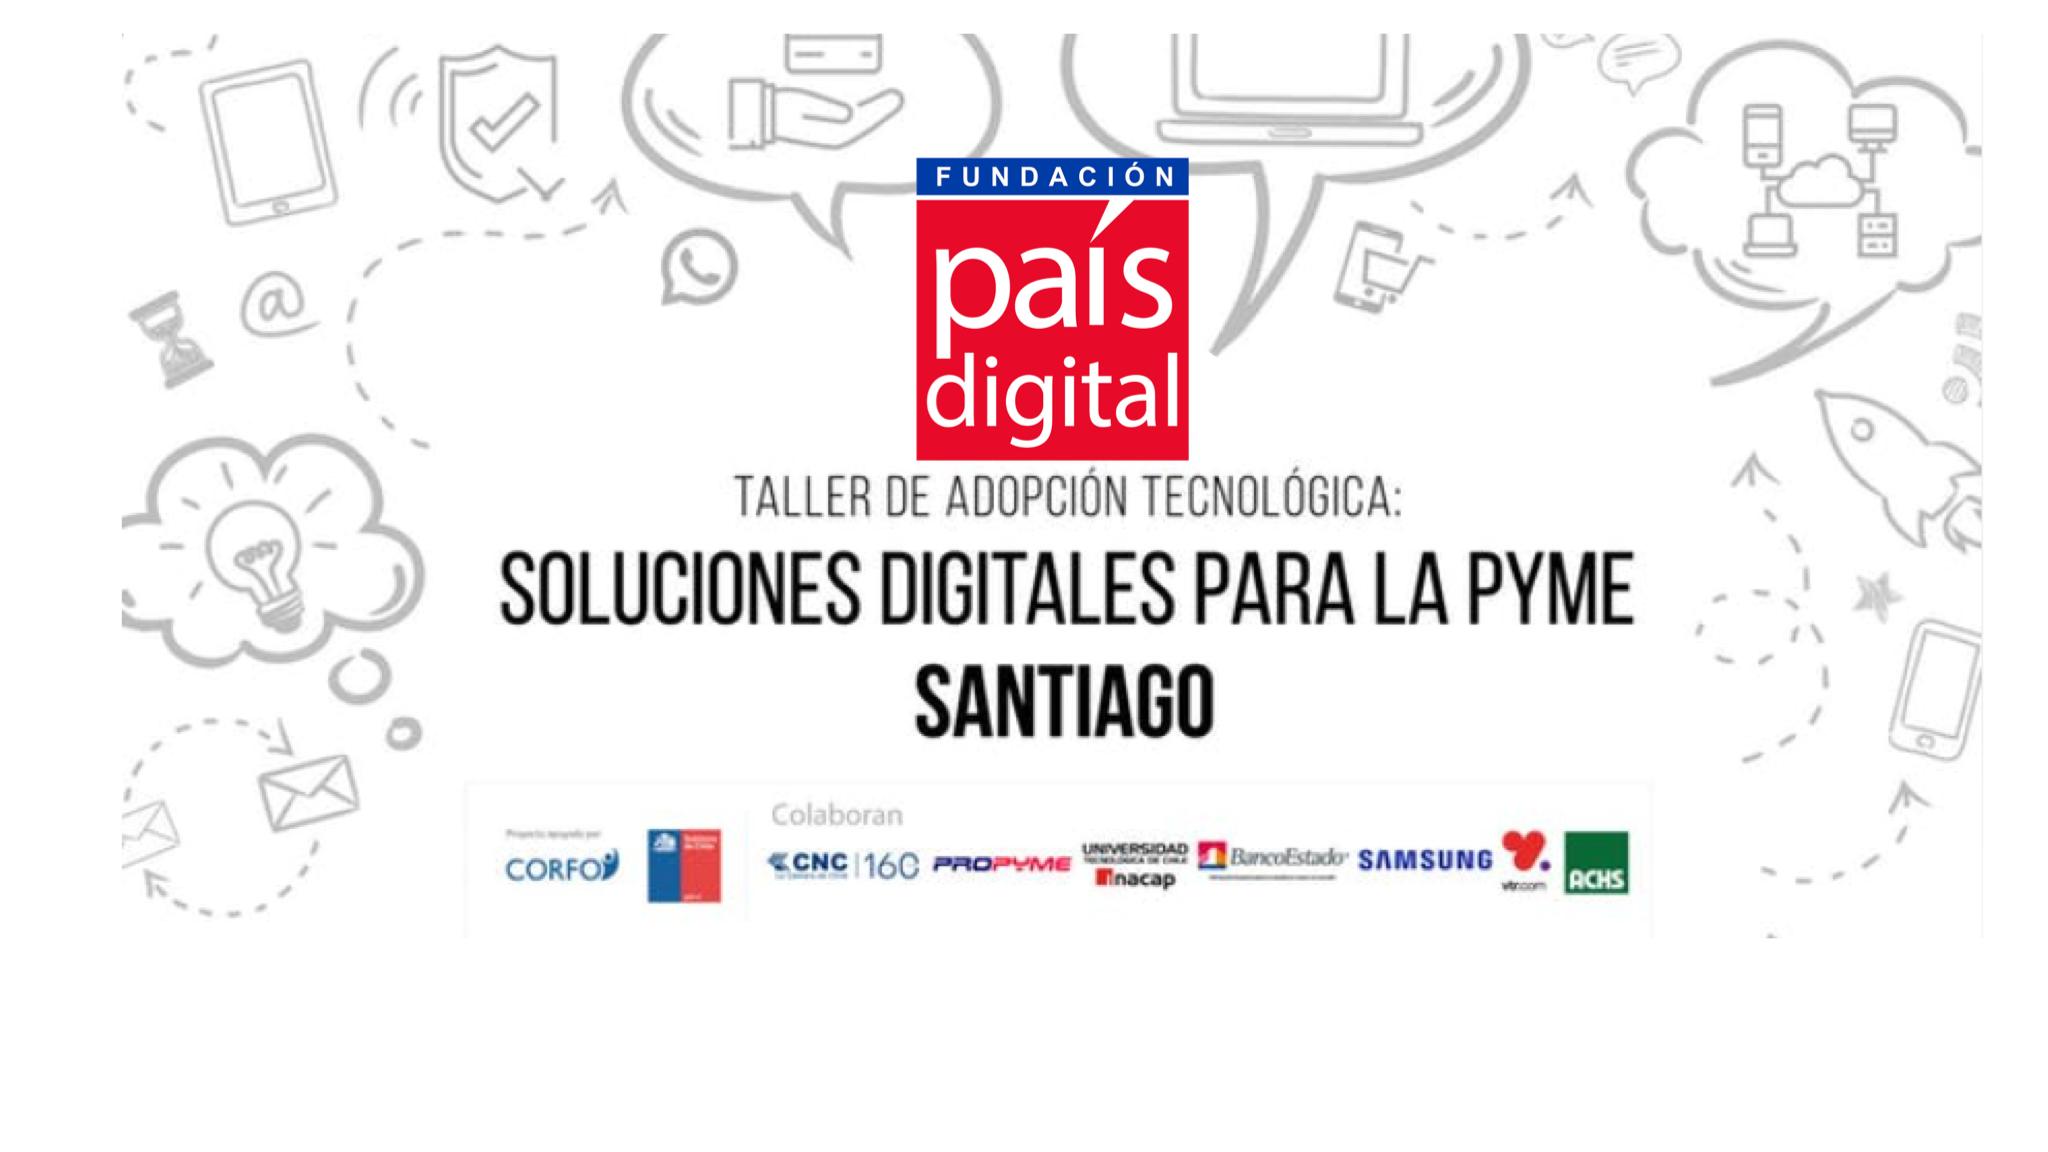 Taller Adopción Tecnológica: Soluciones Digitales para Pymes